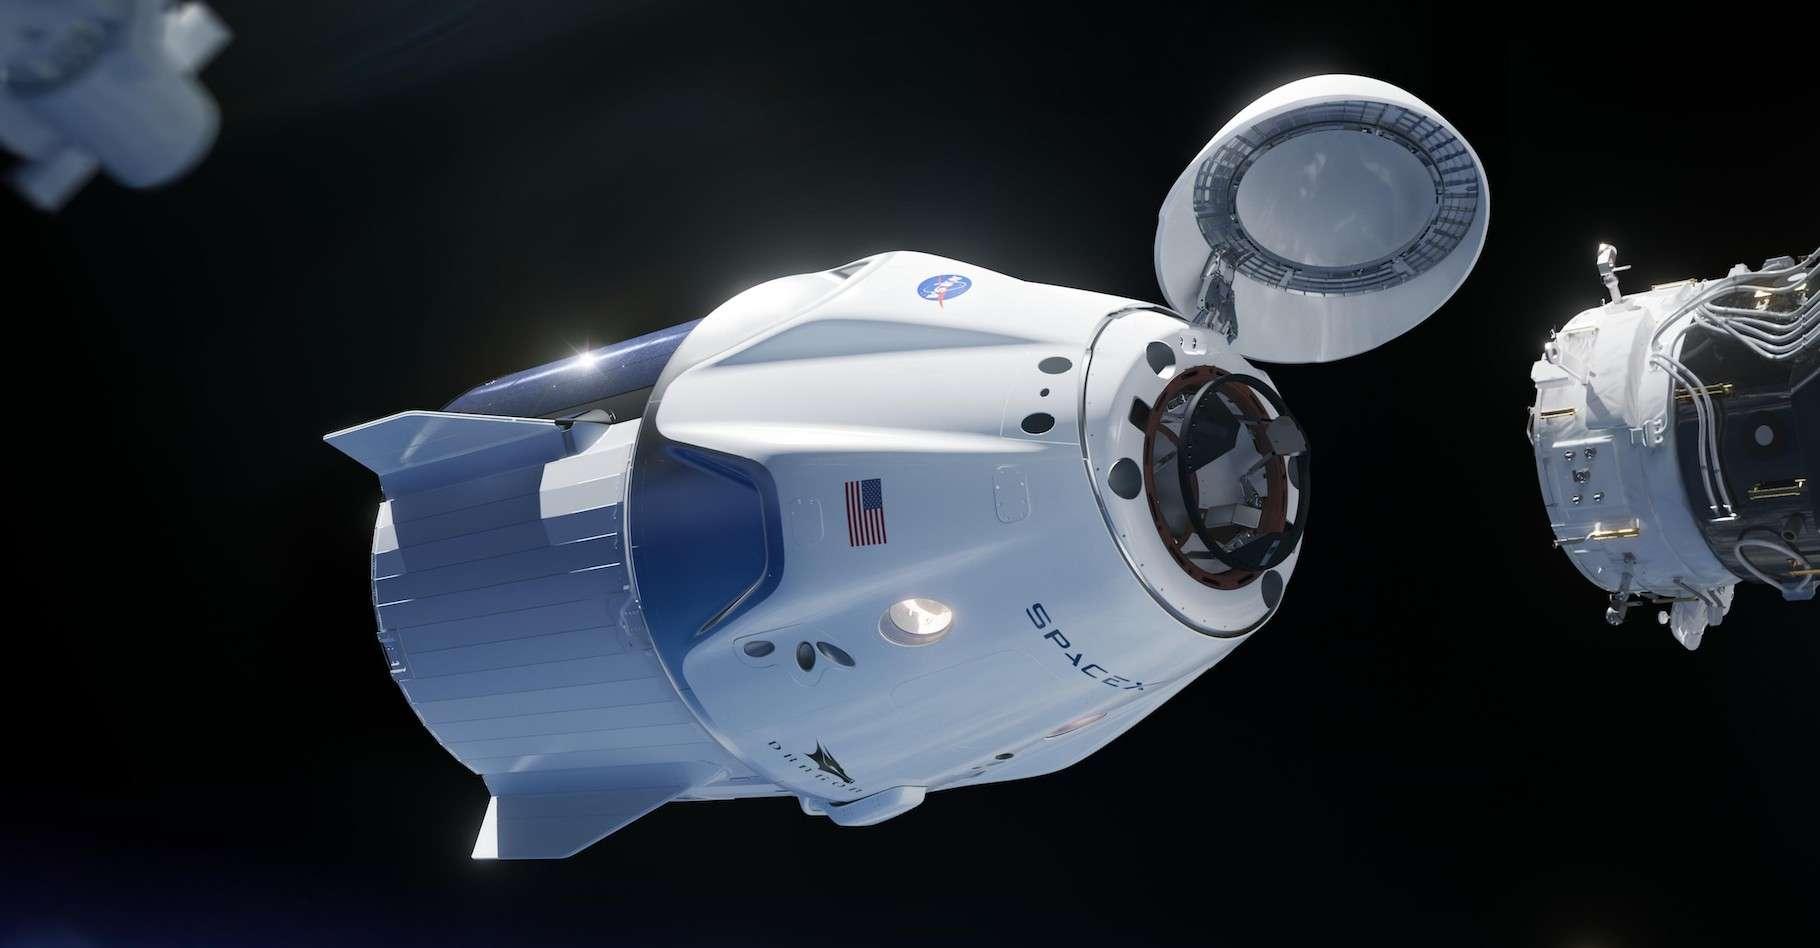 SpaceX, la Nasa et Tom Cruise envisagent de tourner un film dans l'espace. © Nasa, SpaceX, Wikipedia, Domaine public